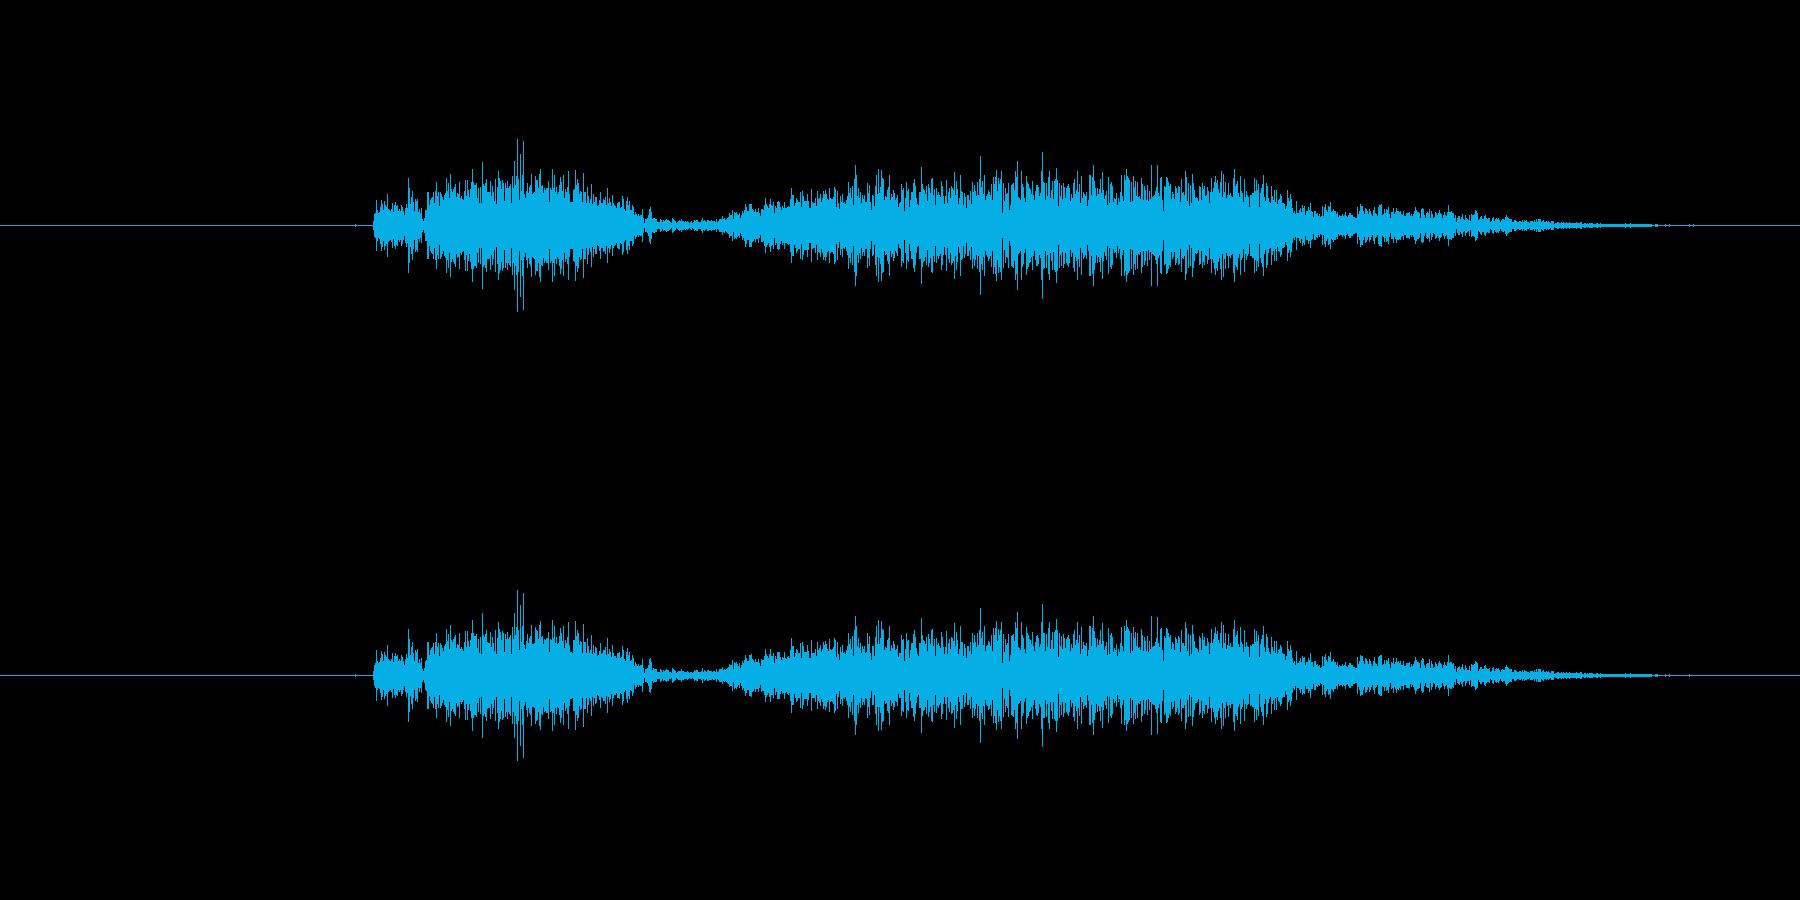 空気圧放出、非常に迅速な変動空気放出の再生済みの波形